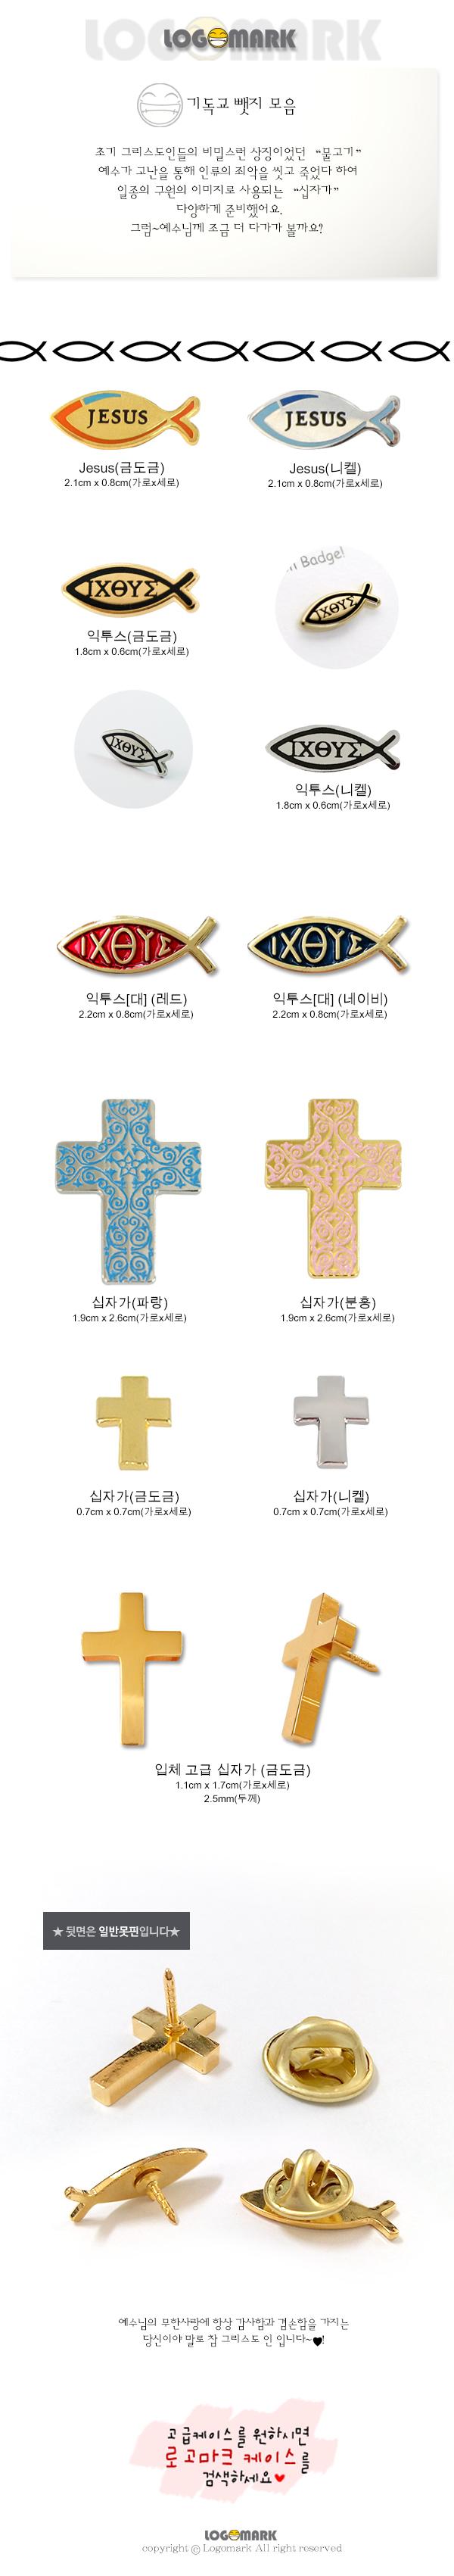 기독교 뺏지 모음 - 로고마크, 6,000원, 브로치/뱃지, 뱃지